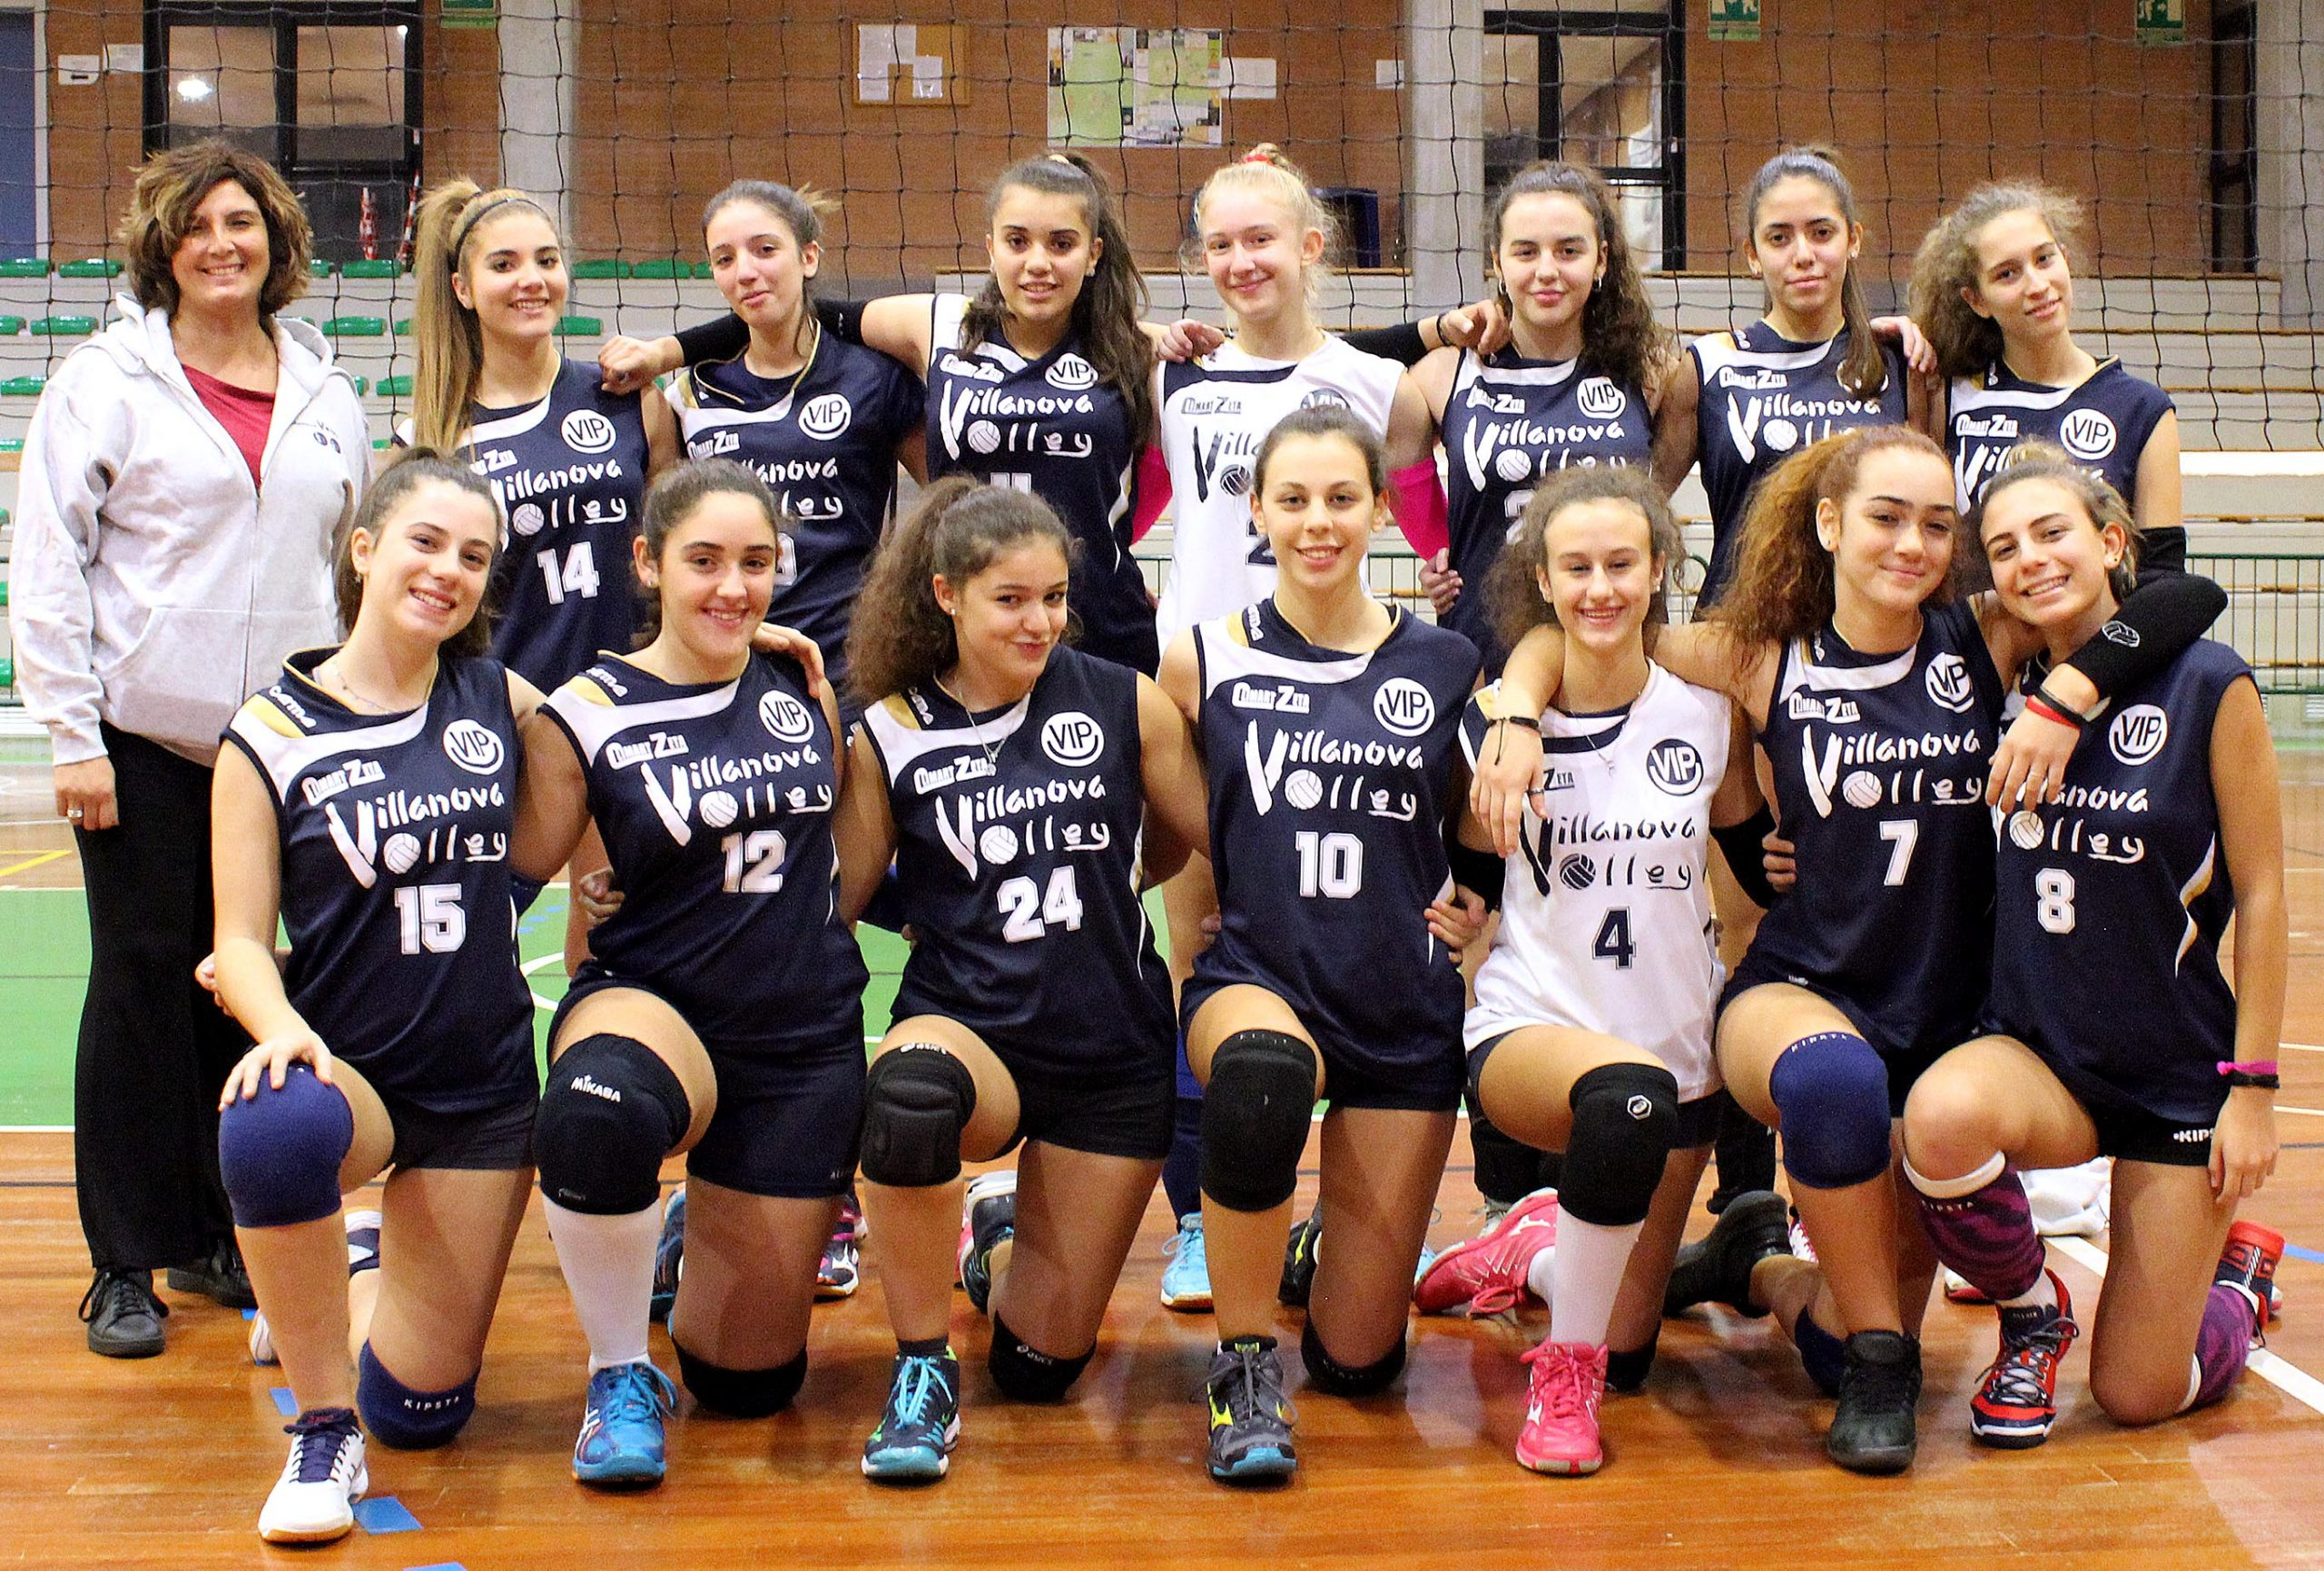 Terza Divisione – Villanova Vs San Lazzaro B